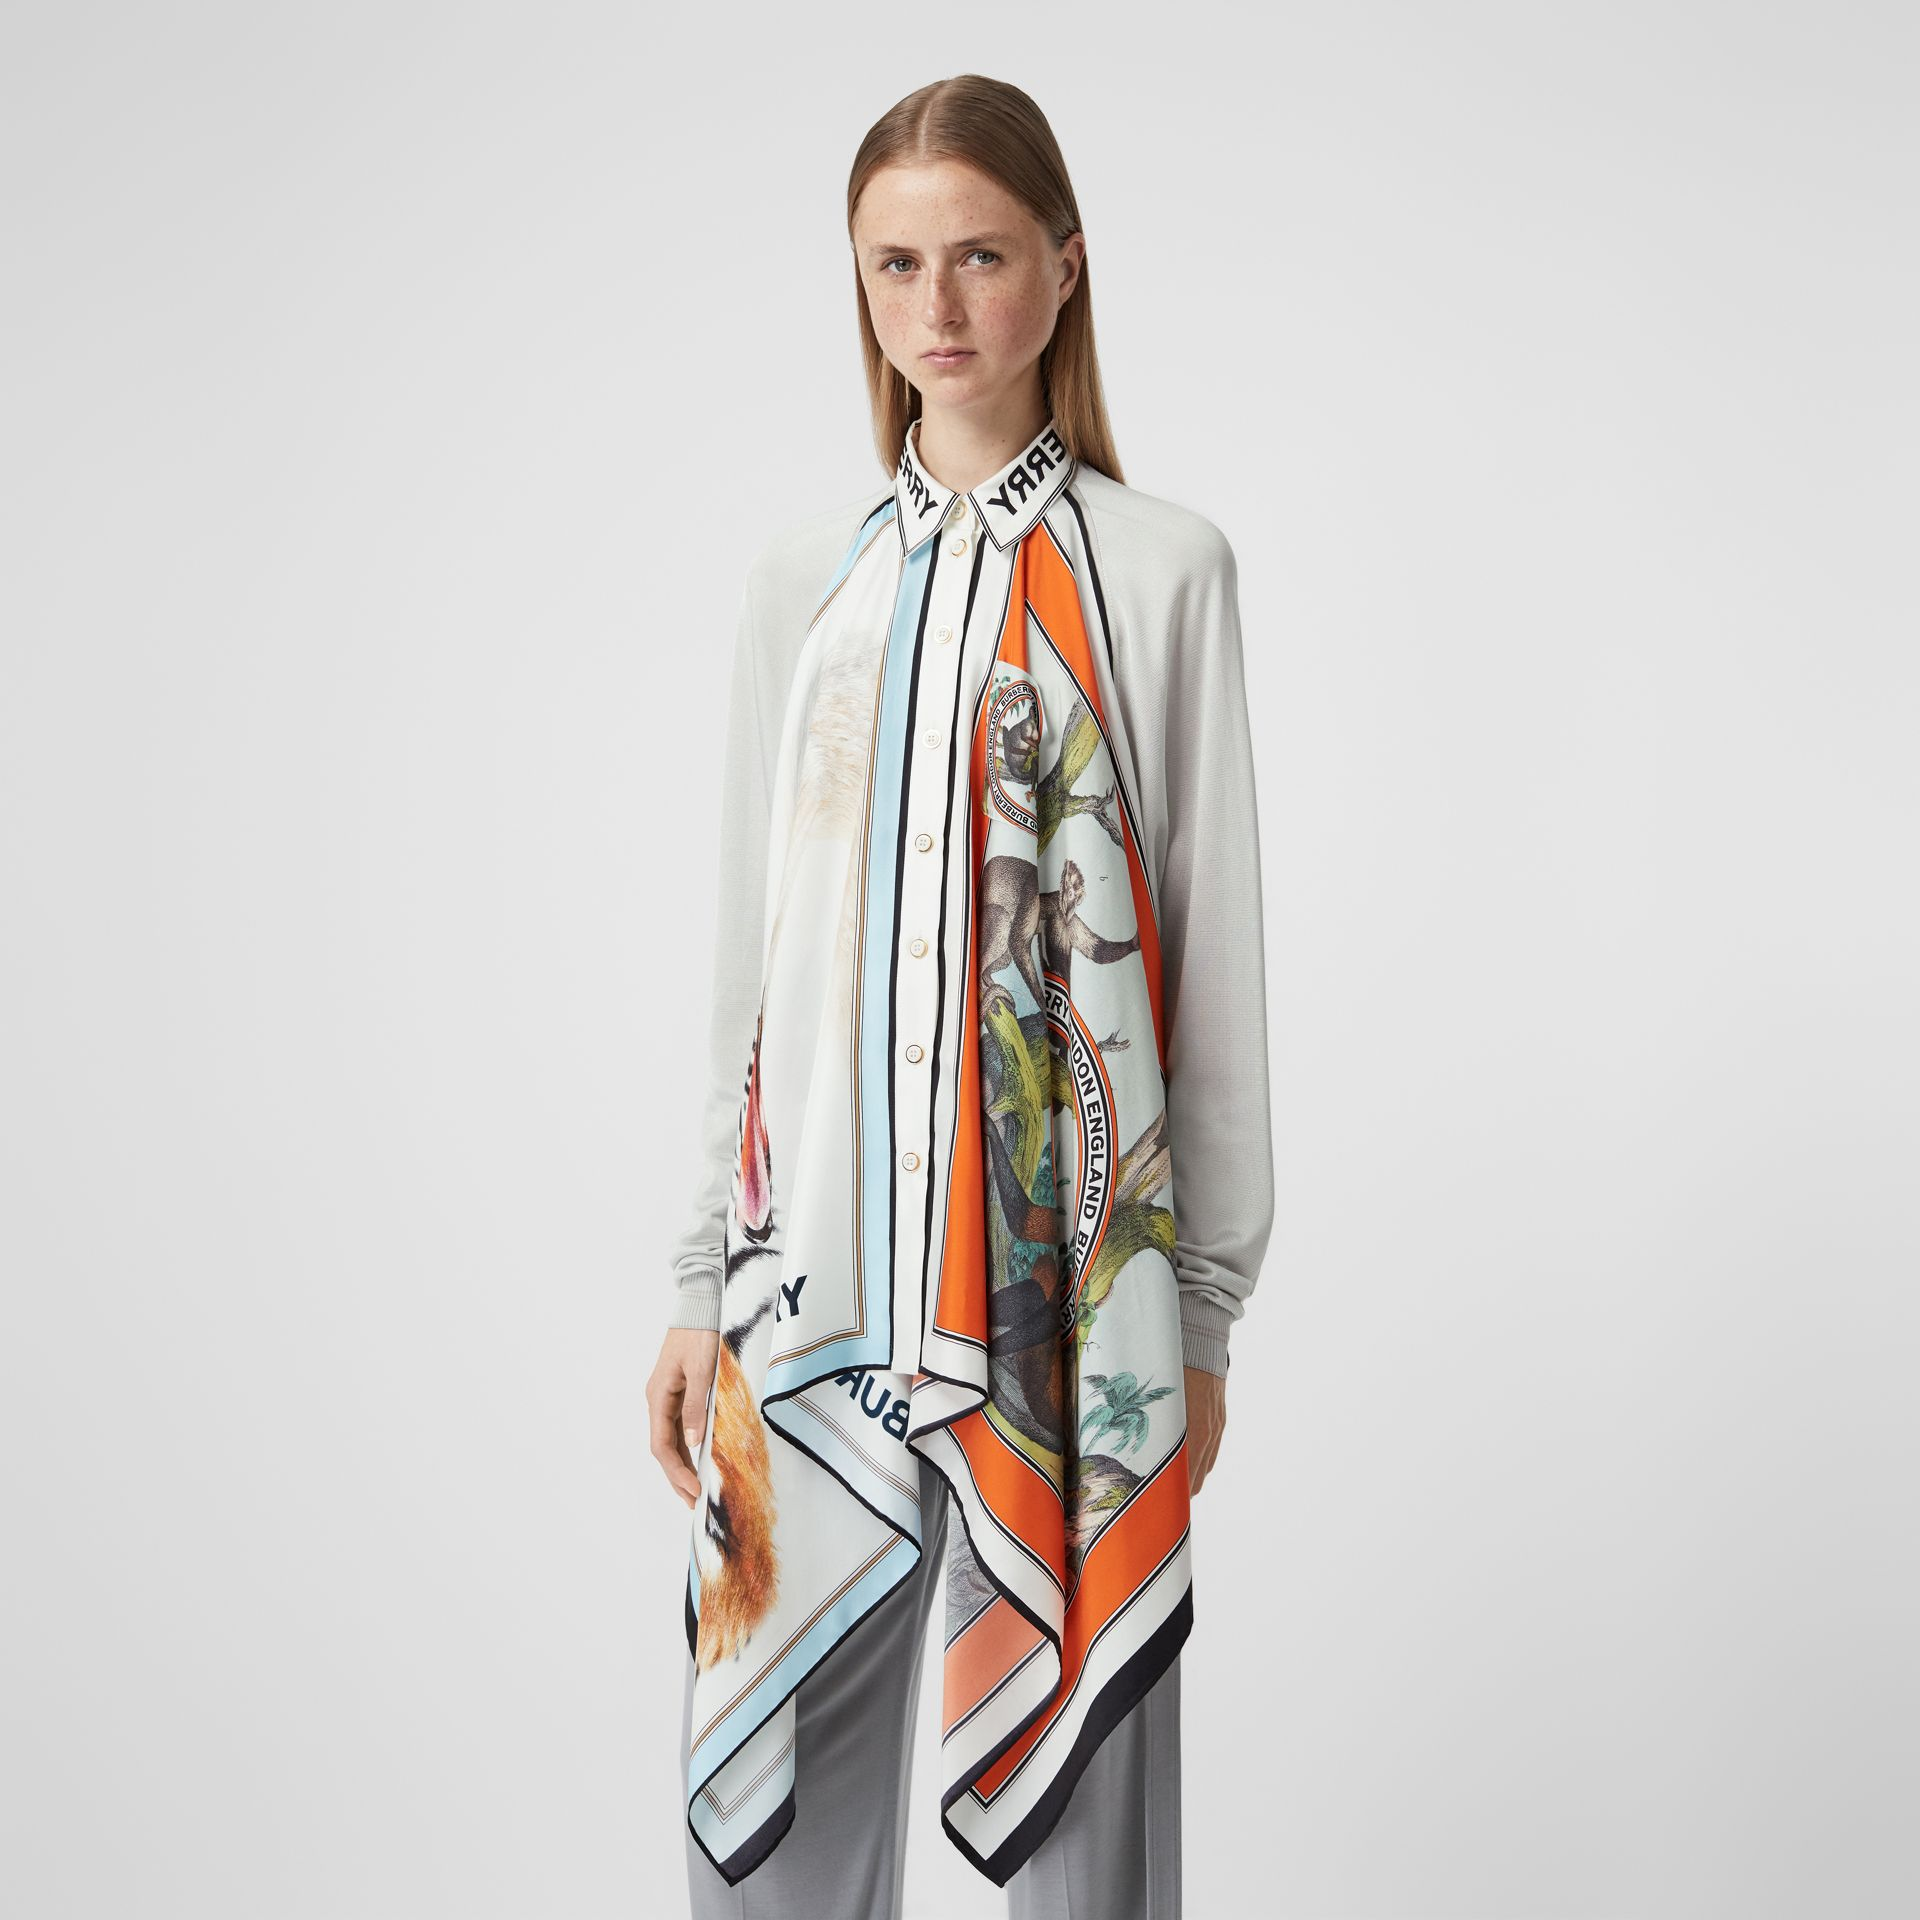 Haut en maille avec foulards en soie à imprimé animalier (Porcelaine) - Femme | Burberry Canada - photo de la galerie 5